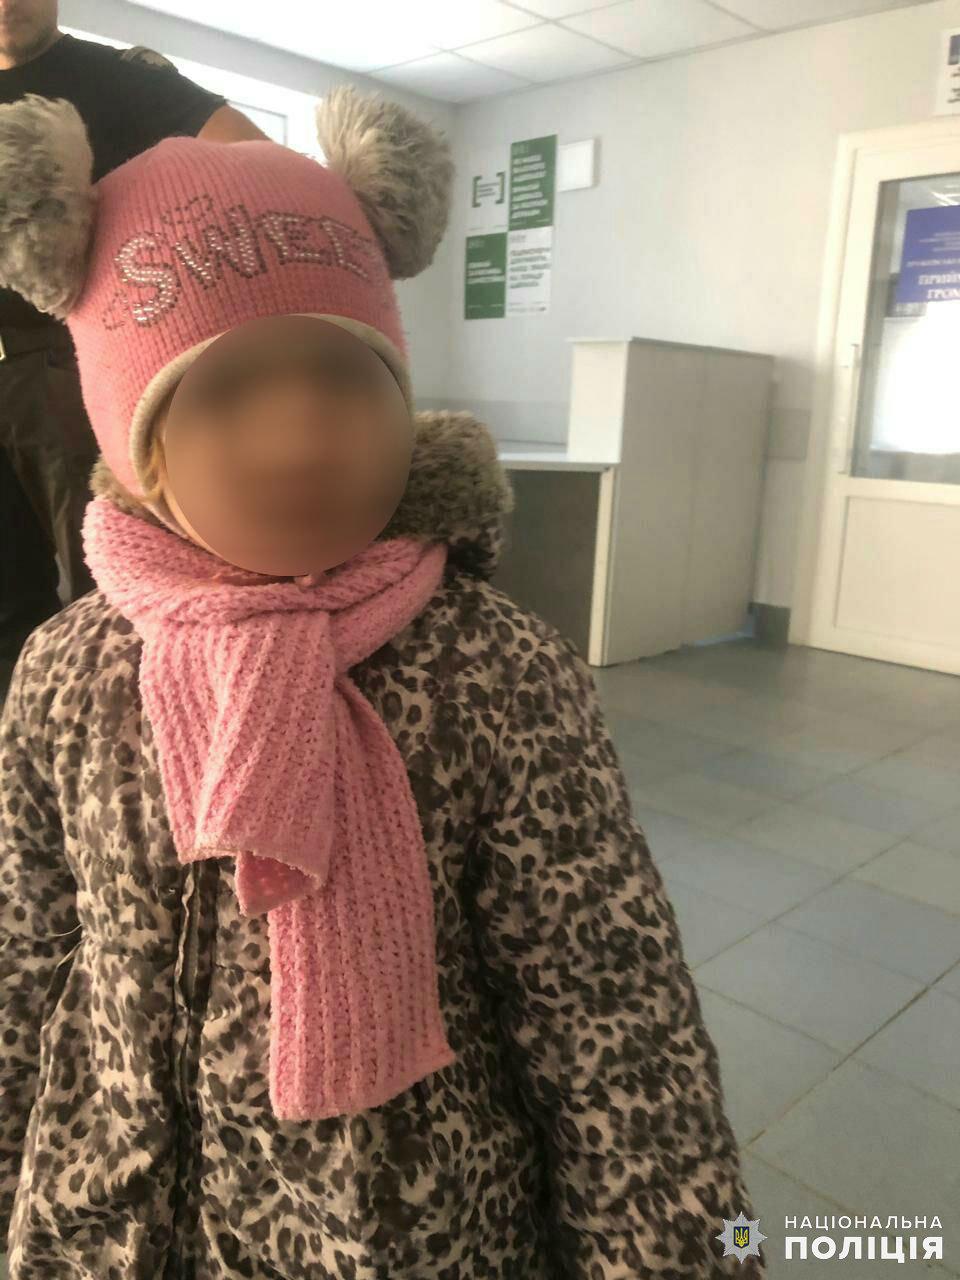 В Дружковке полицейские вернули потерявшегося ребёнка матери, фото-1